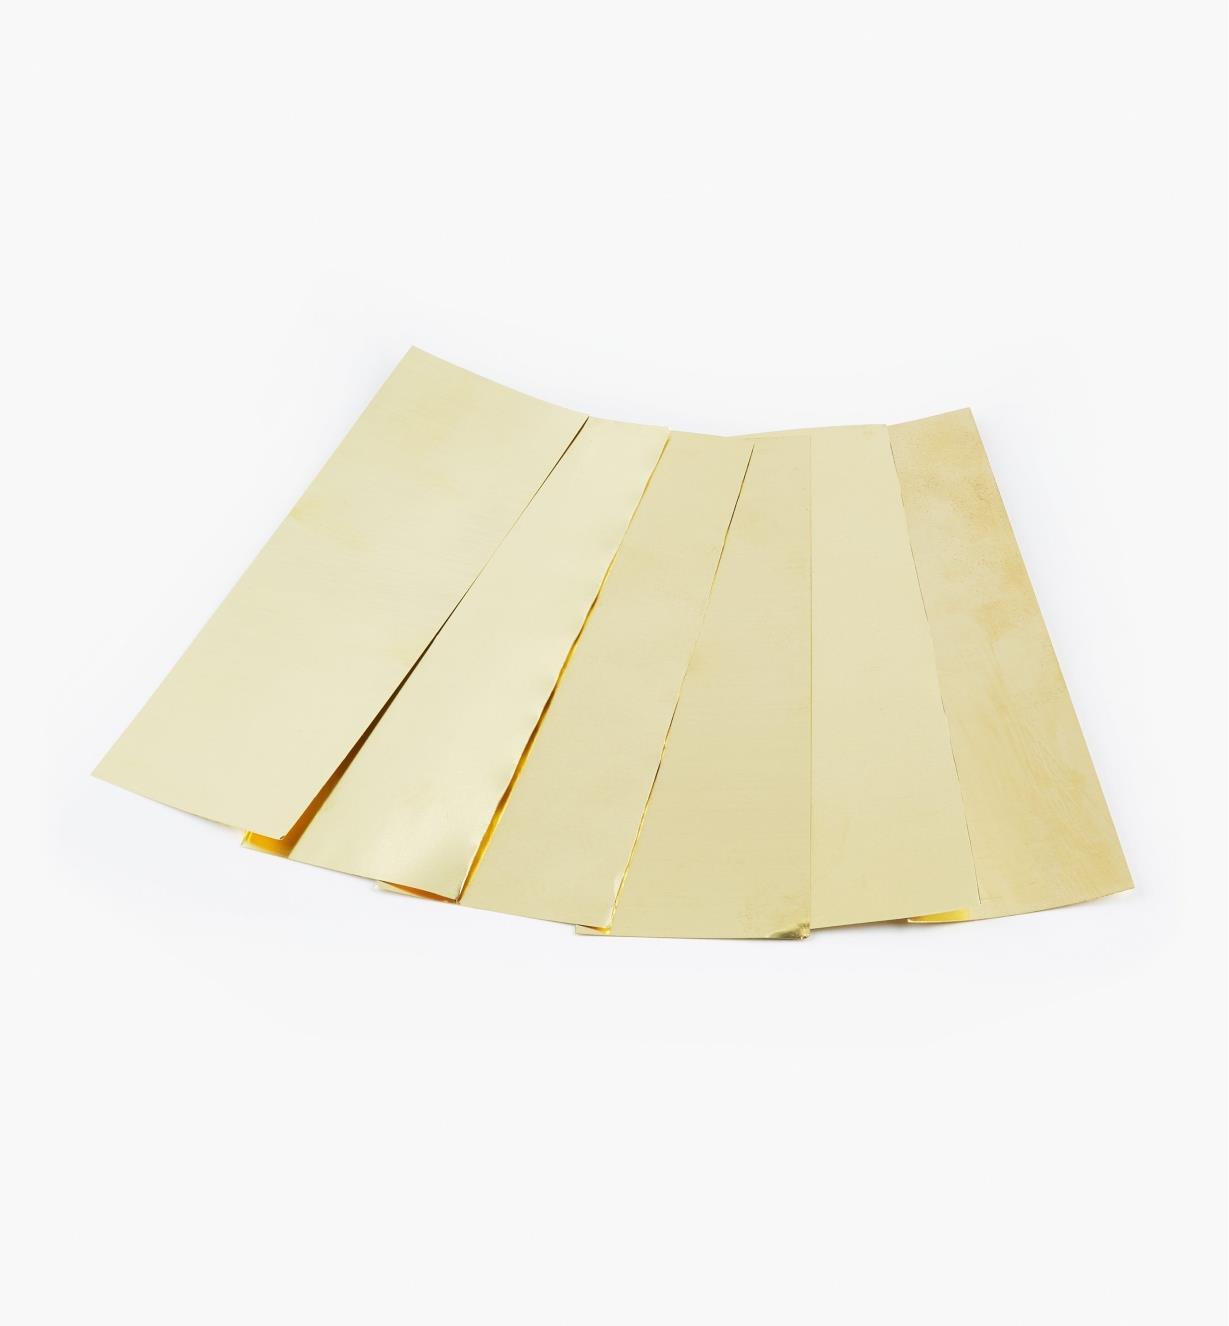 27K0750 - Brass Sampler, 6 sheets